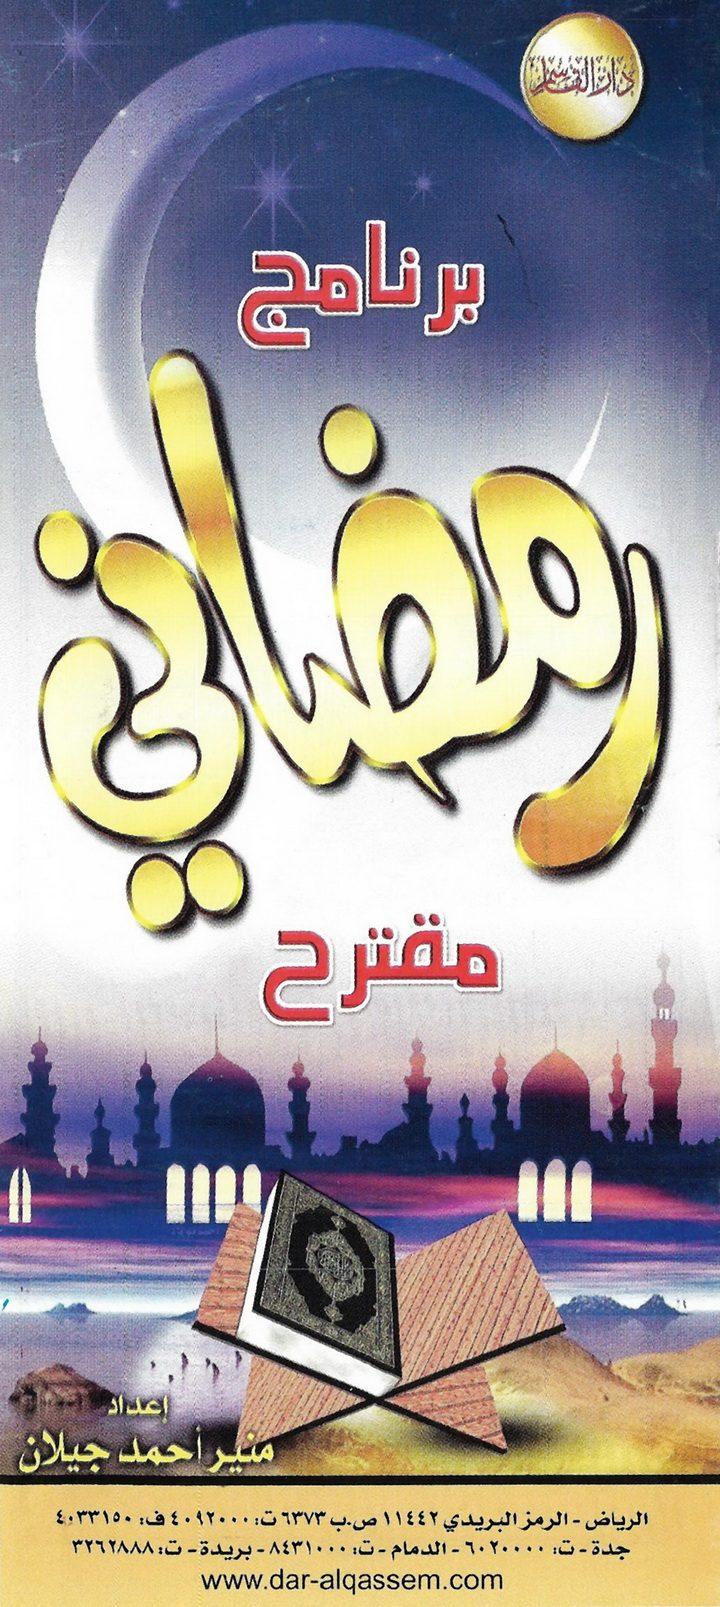 برنامج رمضاني مقترح (منير أحمد جيلان – دار القاسم)